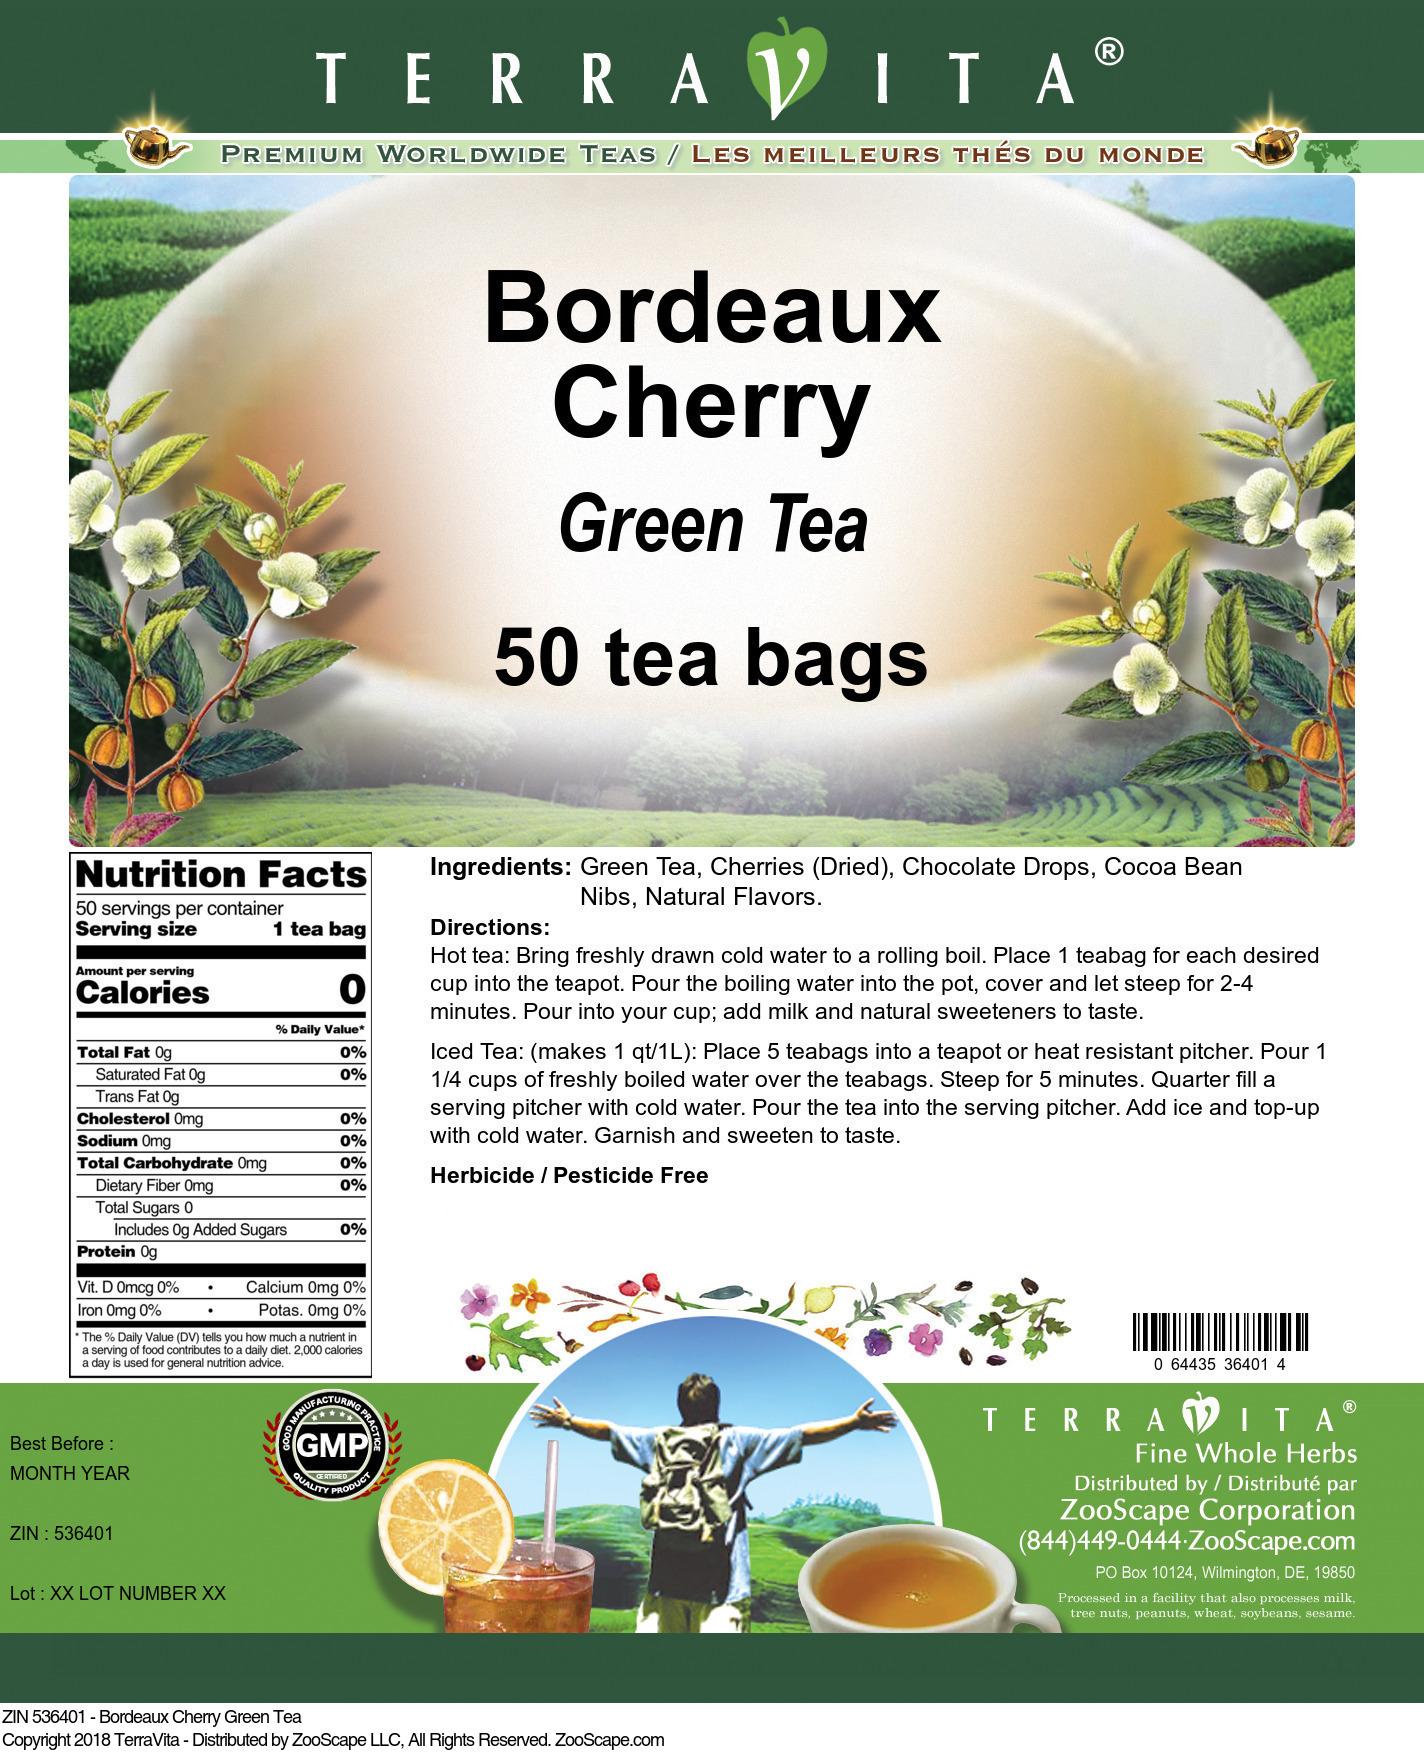 Bordeaux Cherry Green Tea